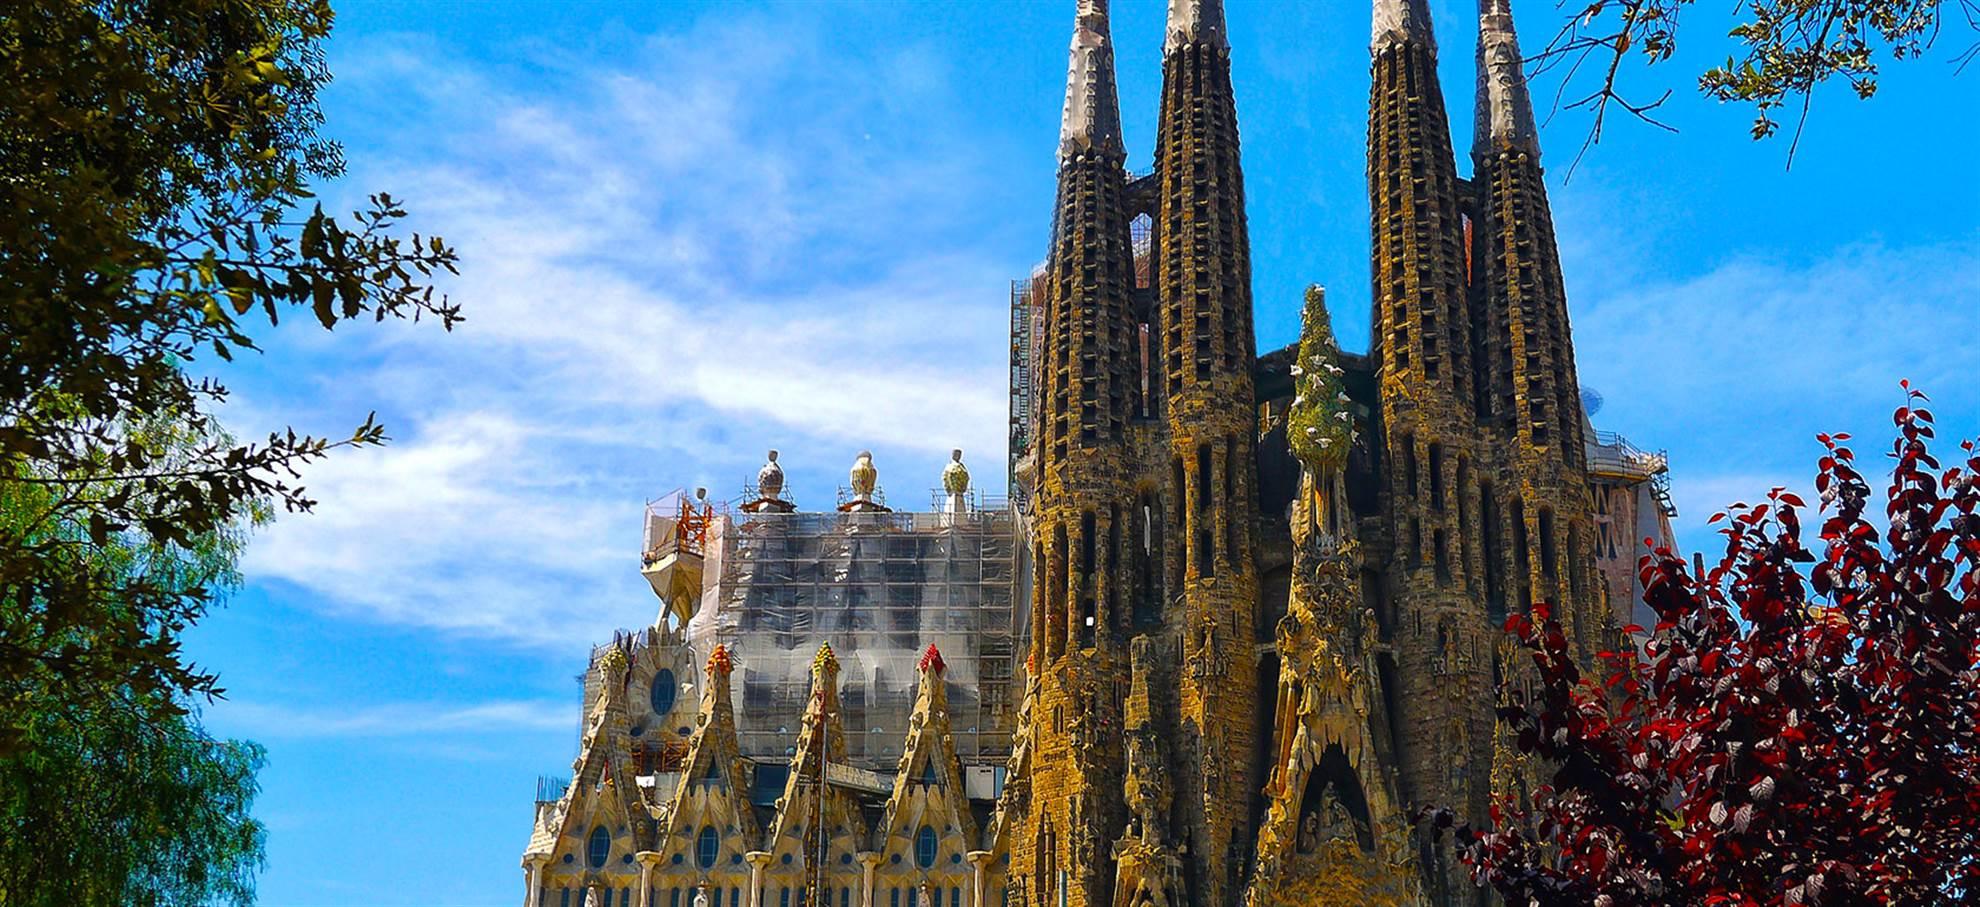 Sagrada Familia sorbanállás nélkül + útmutató